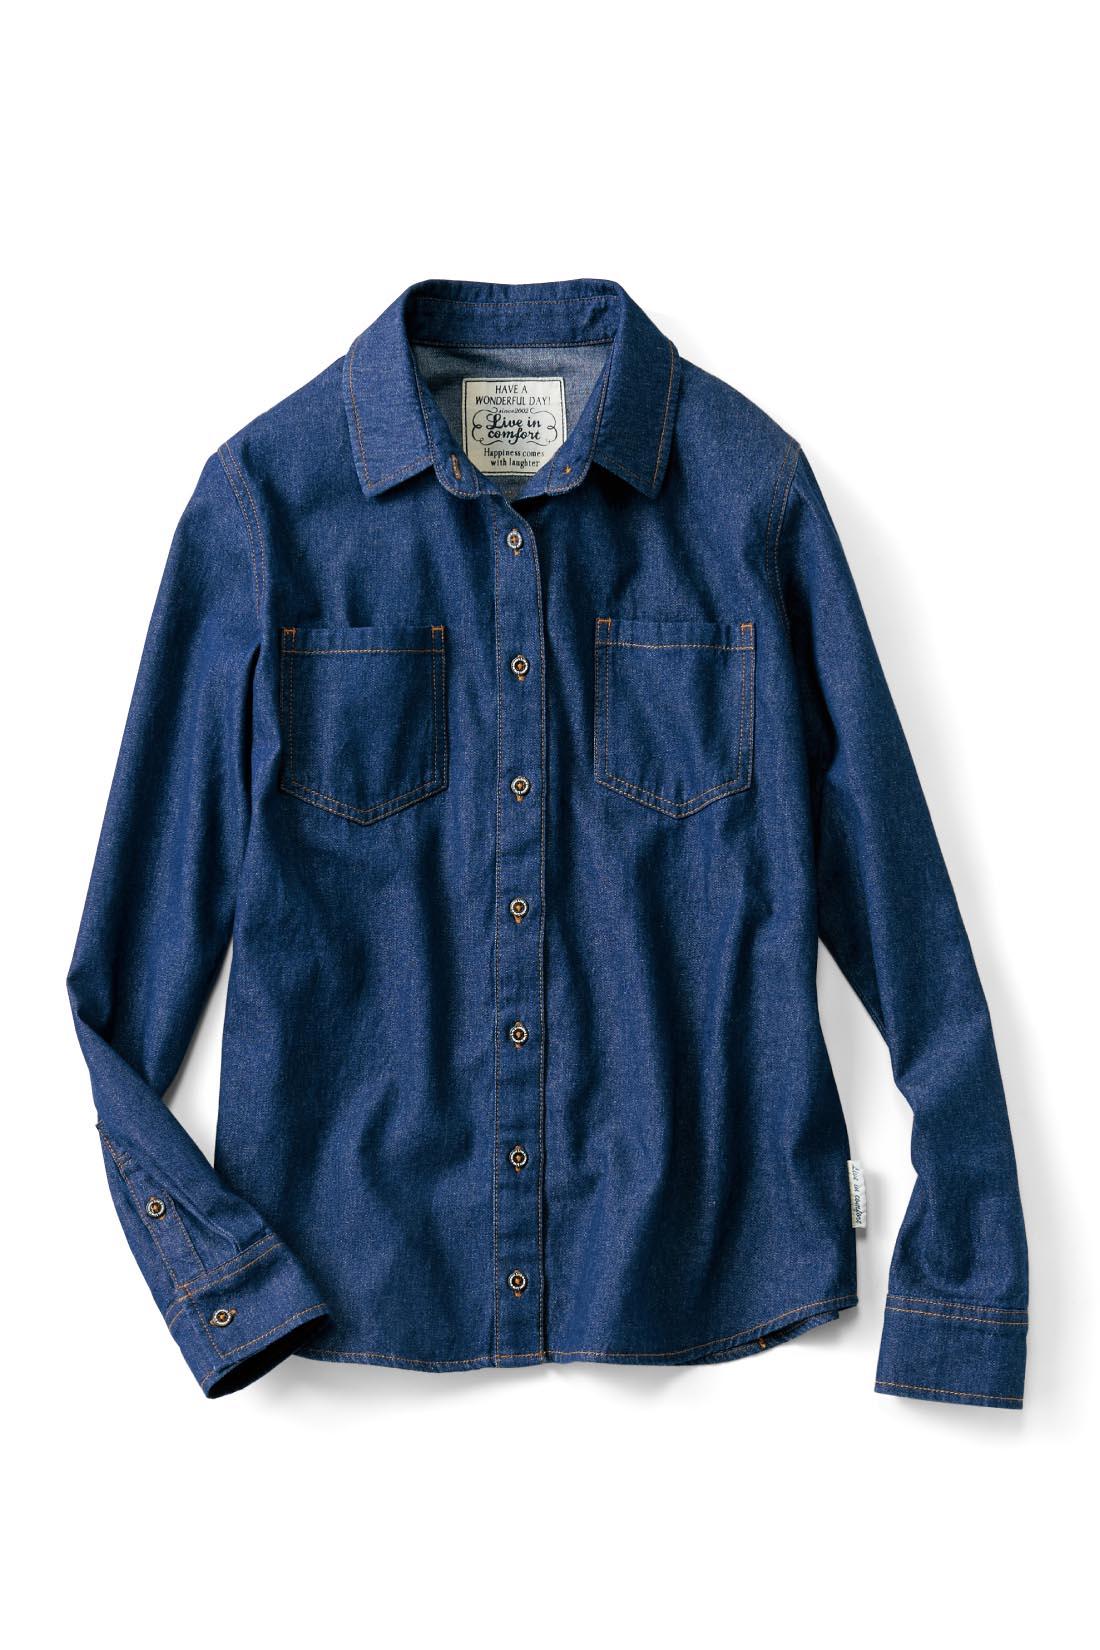 FRONT 前はシンプルなデニムシャツ。